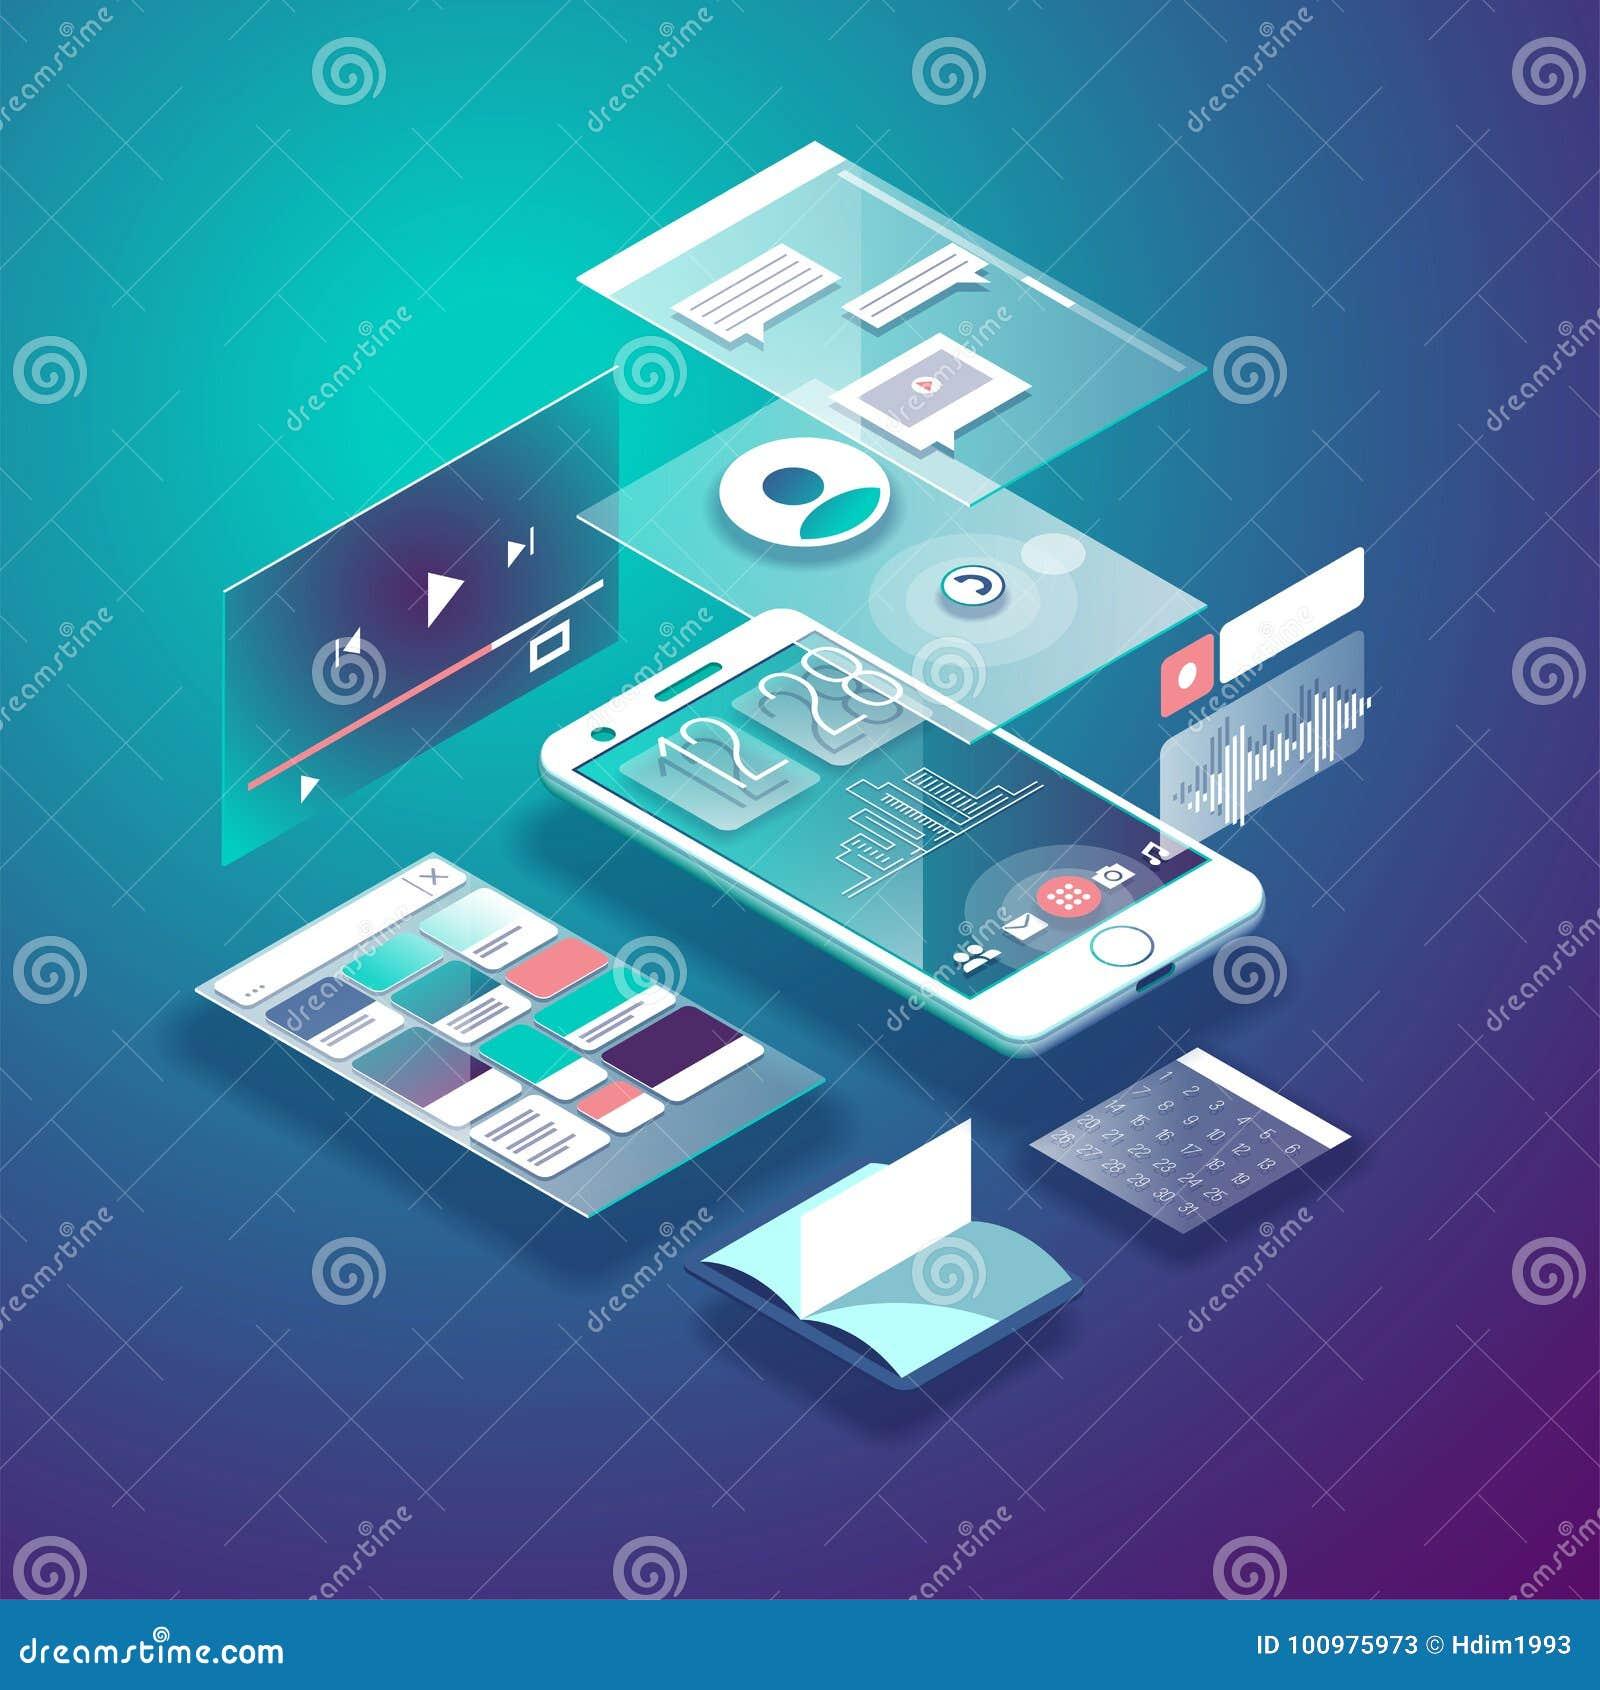 Равновеликий мобильный телефон Умный и простой интерфейс сети с различными apps и значками вектор иллюстрации 3d